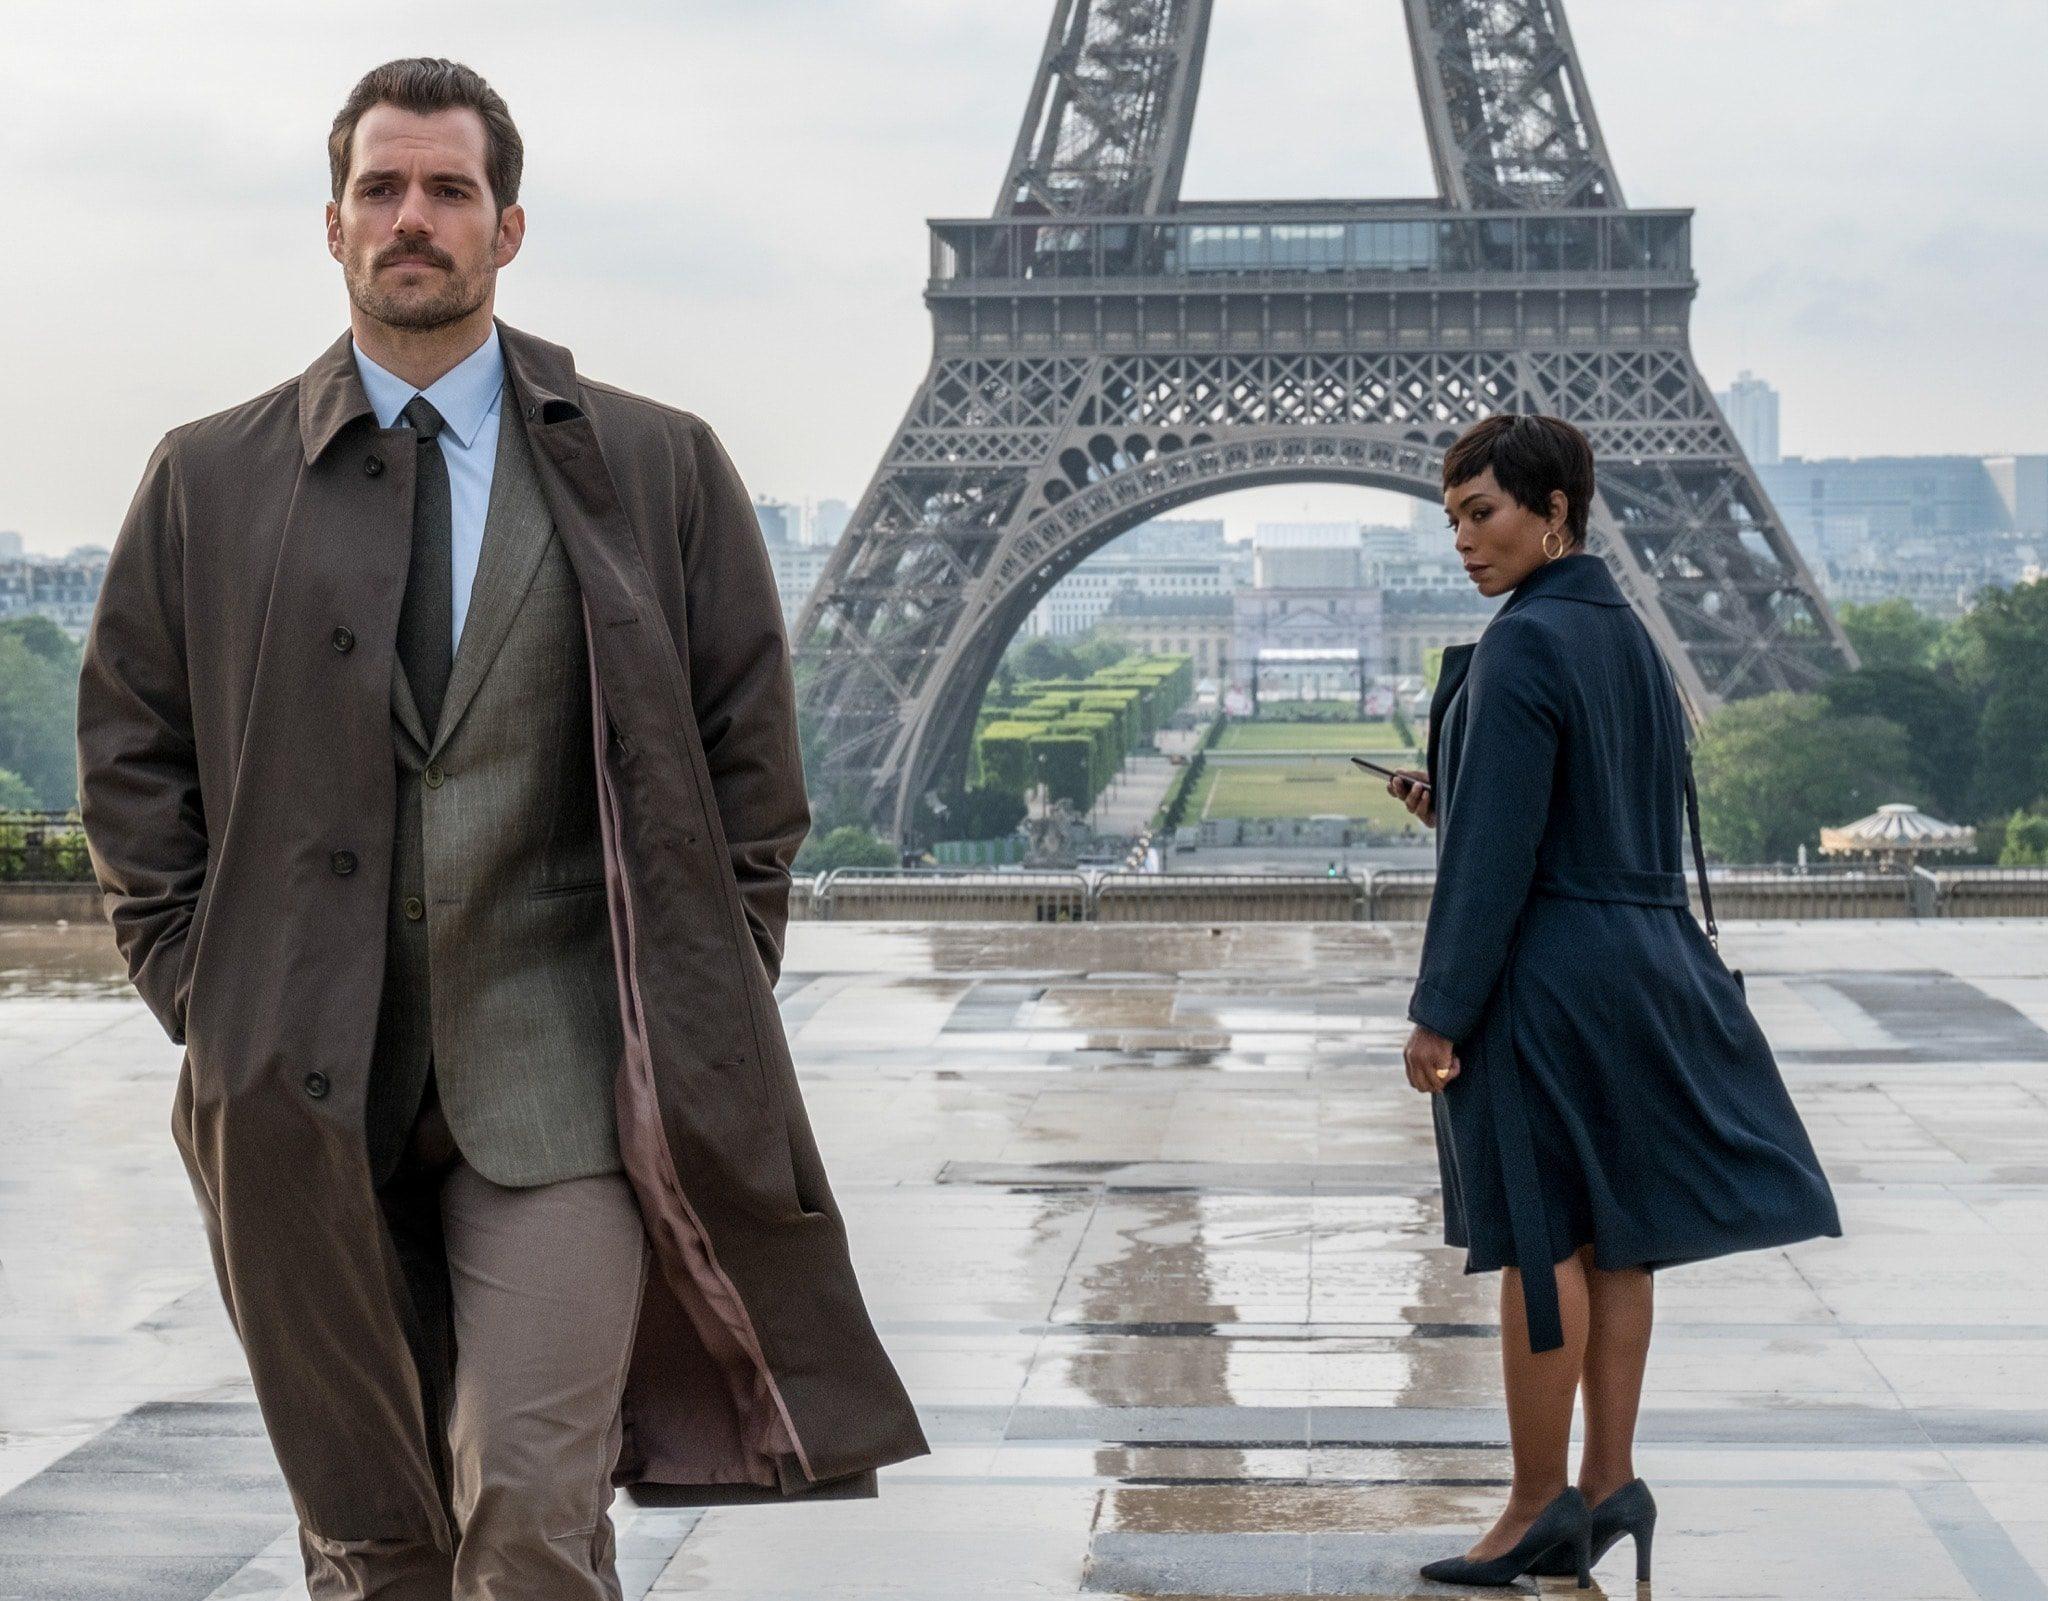 """[Critique] """"Mission: Impossible - Fallout"""" (2018) : Notre avis mitigé 2 image"""